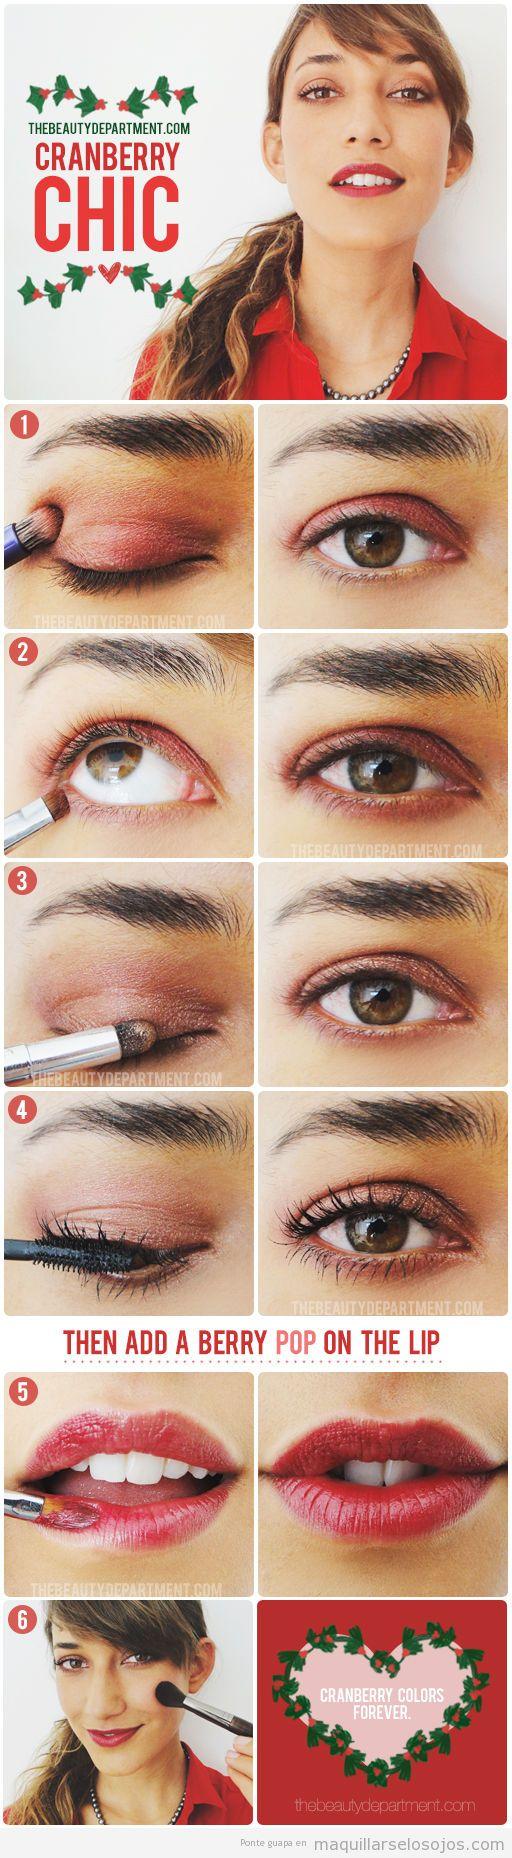 Tutorial maquillaje de ojos para Navidad en tono arándano rojo, paso a paso